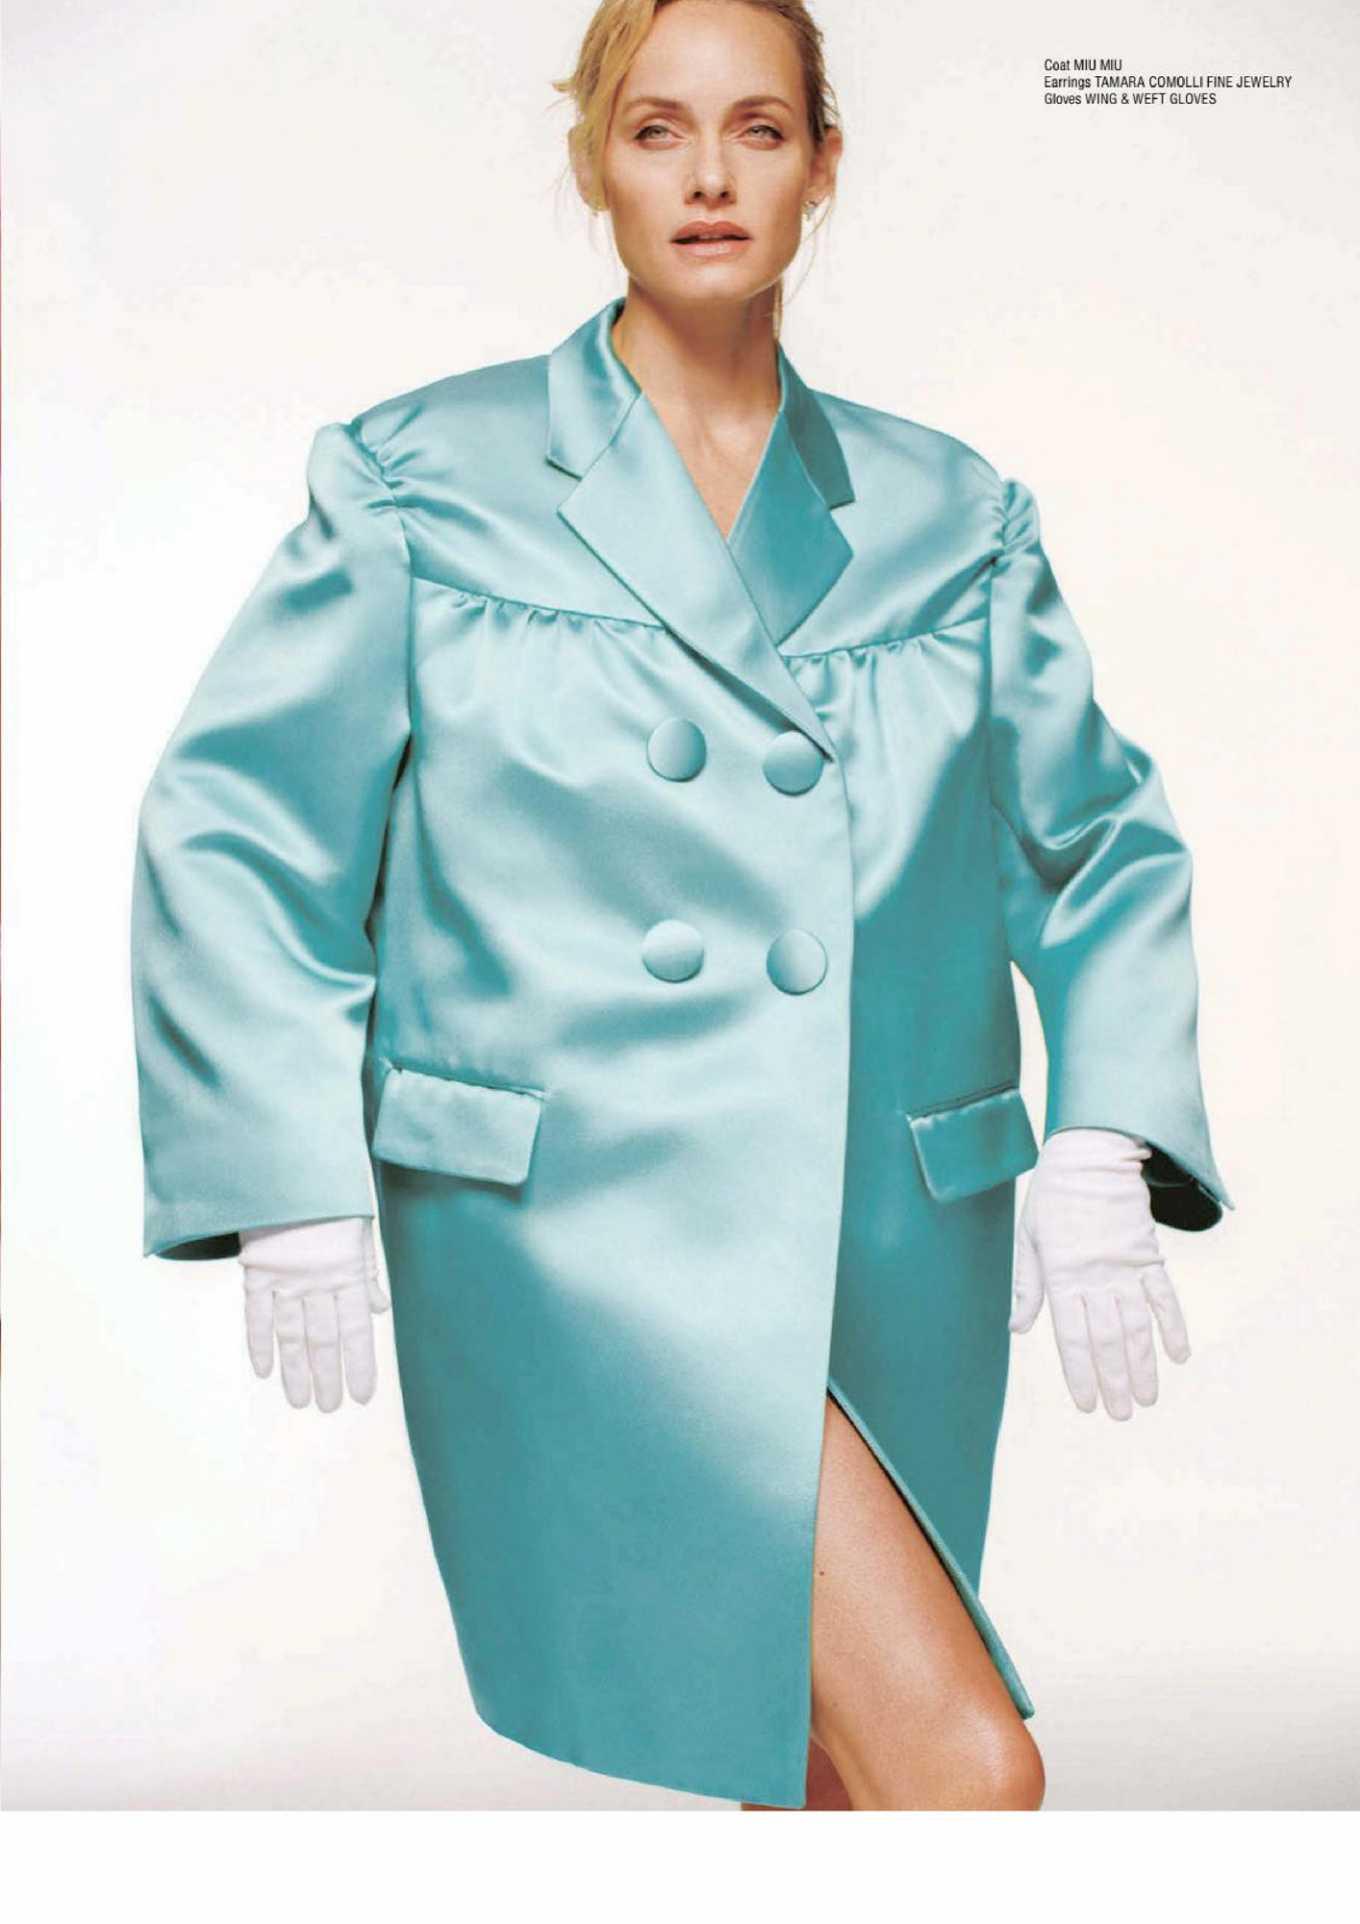 Amber Valletta 2020 : Amber Valletta – CR Fashion Book 2020-07